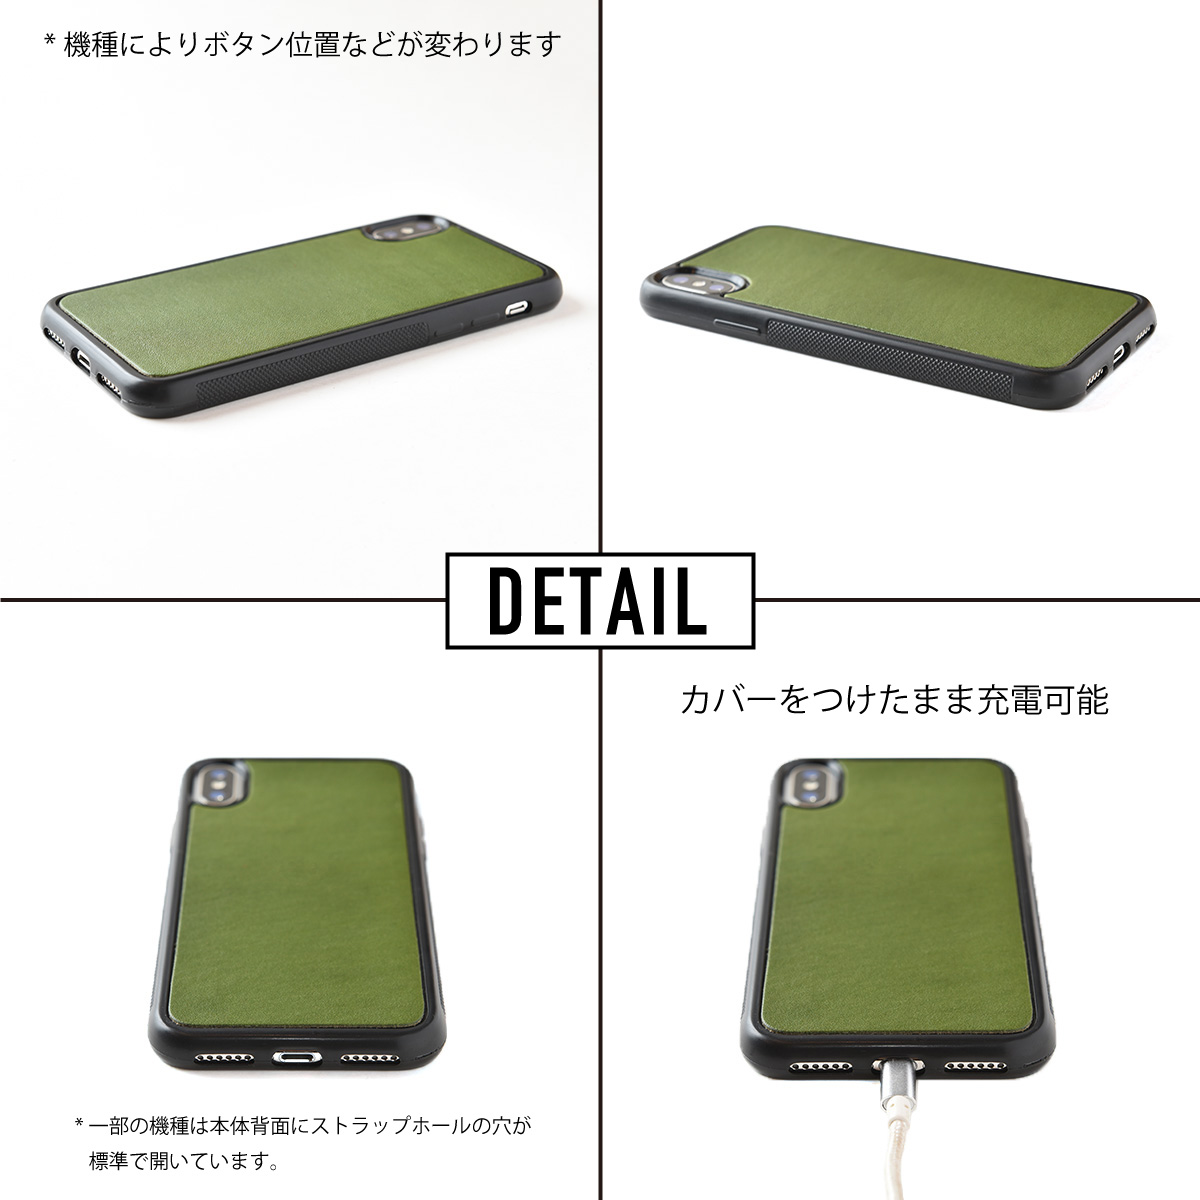 iPhoneOpenCase:   DesignF:マーク埋込み/ワンスター中央